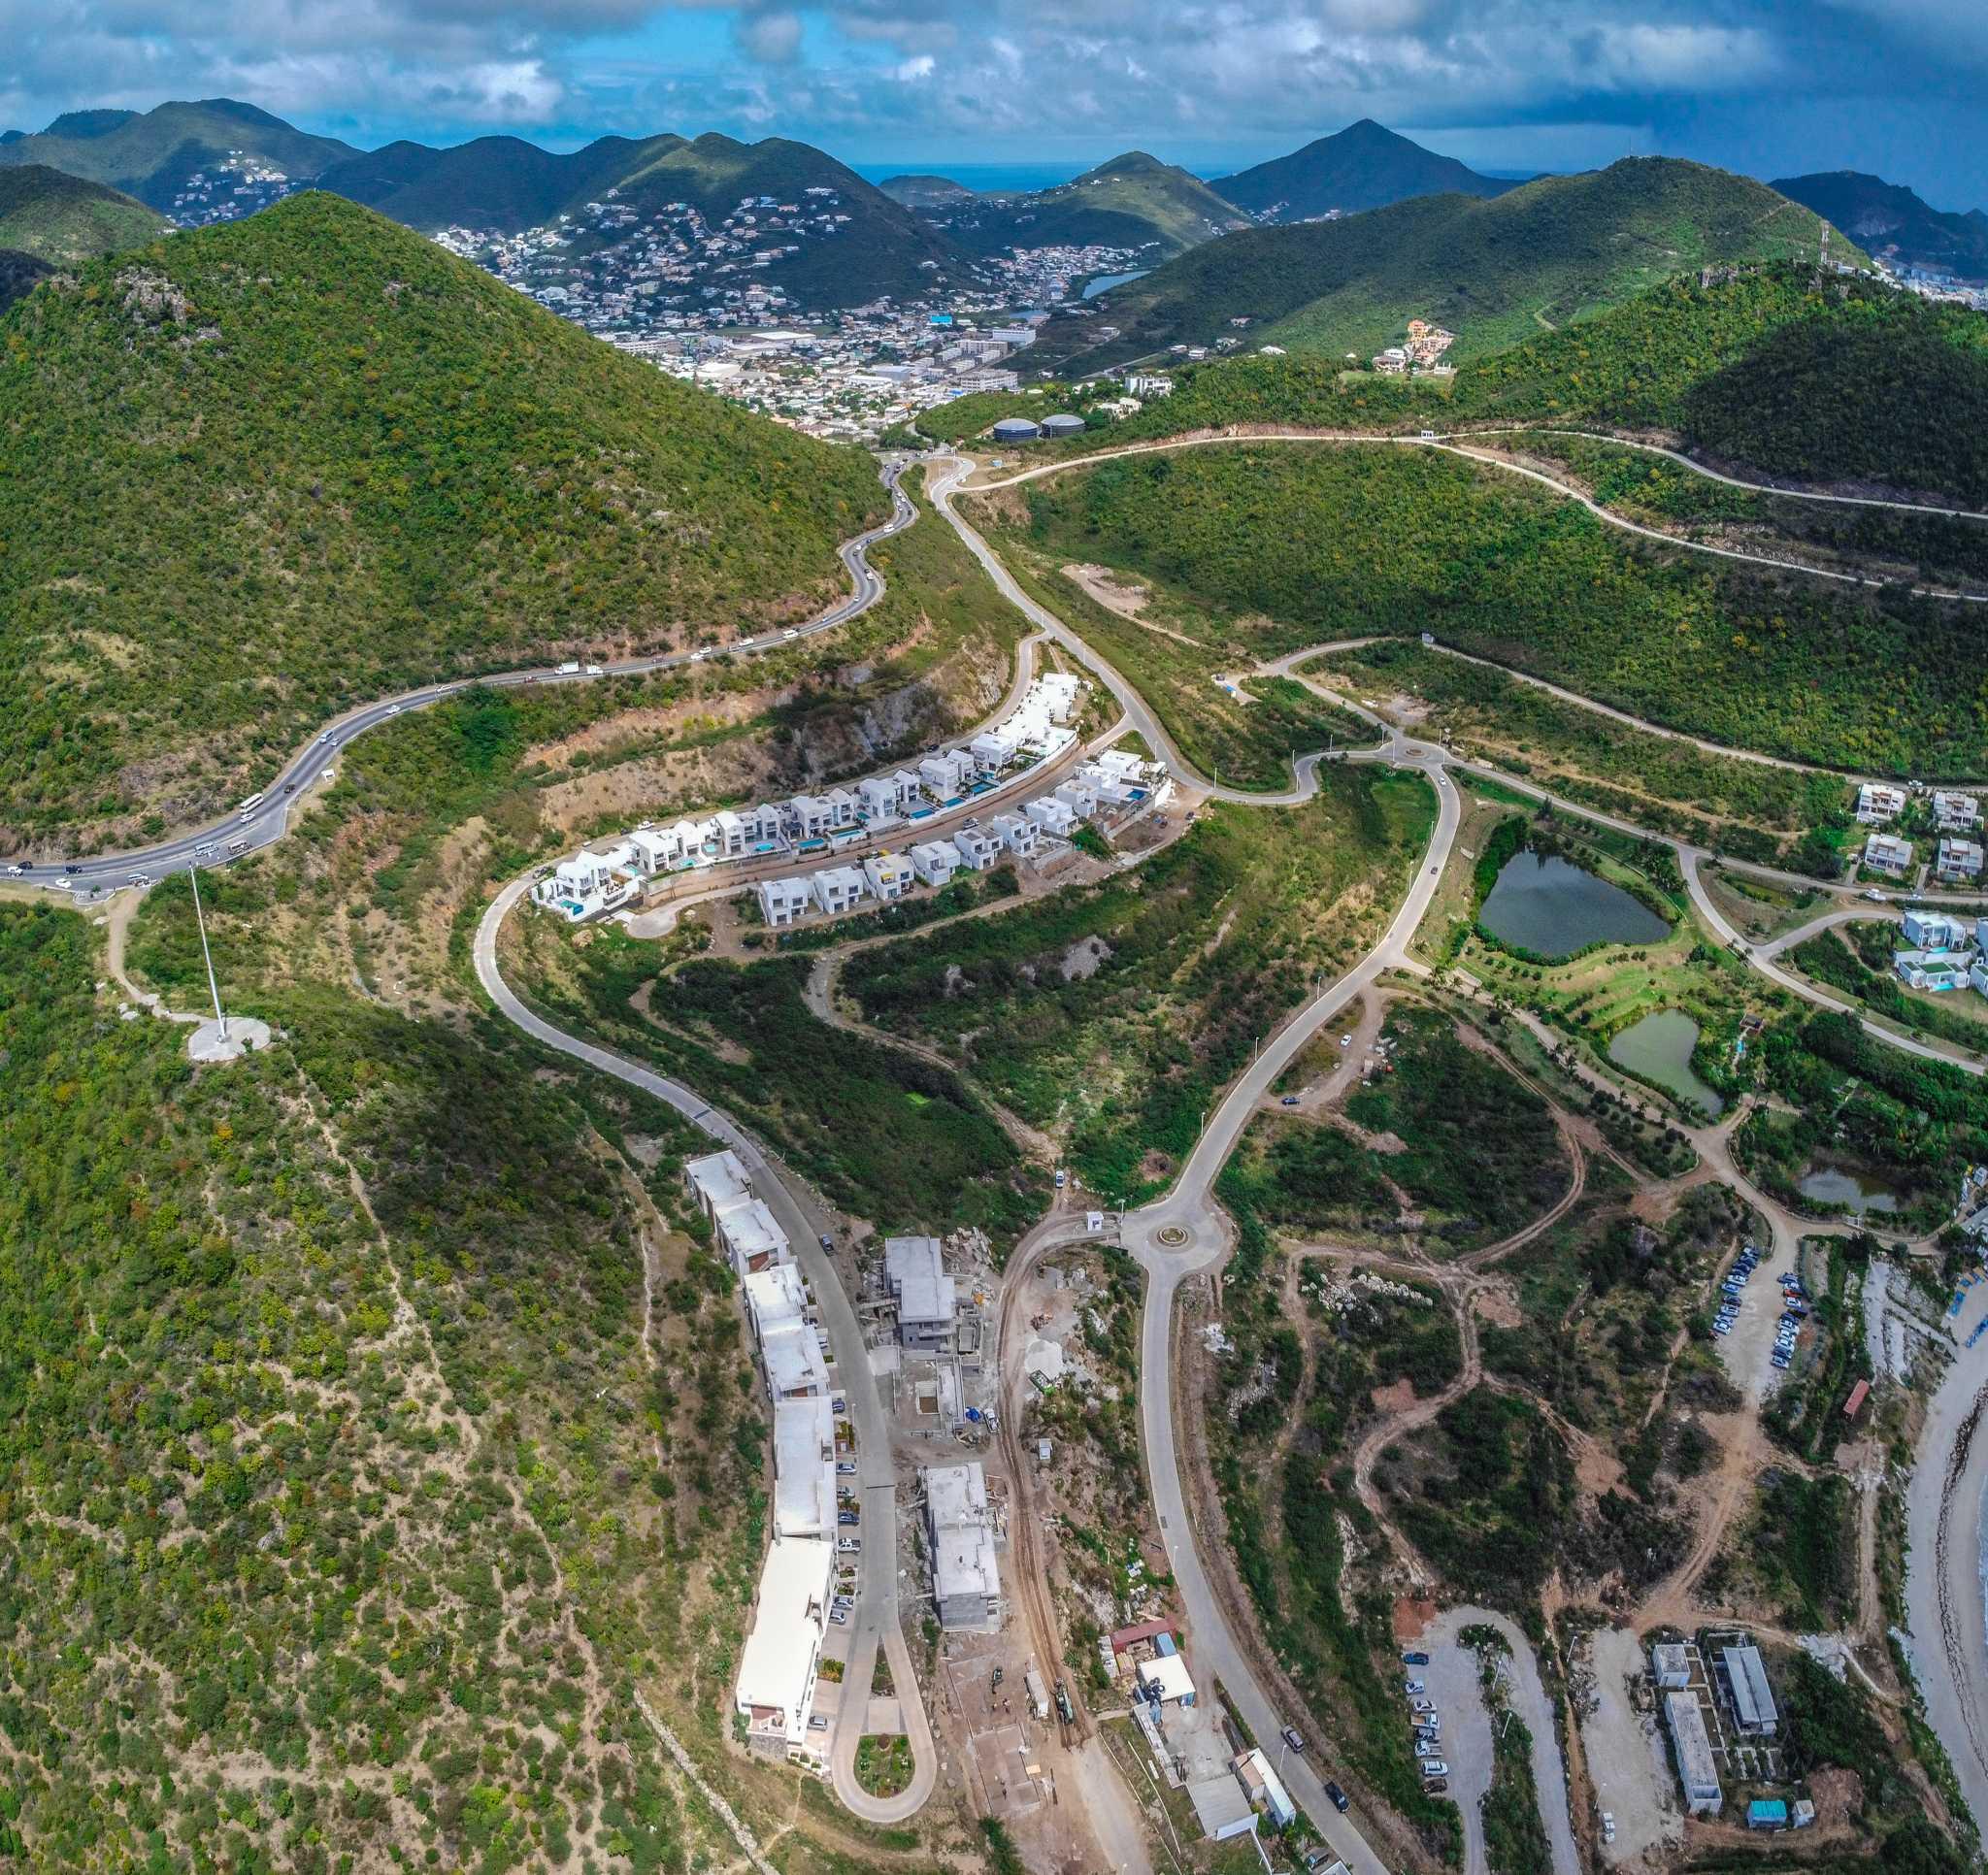 Buy Property In Indigo Bay St Maarten